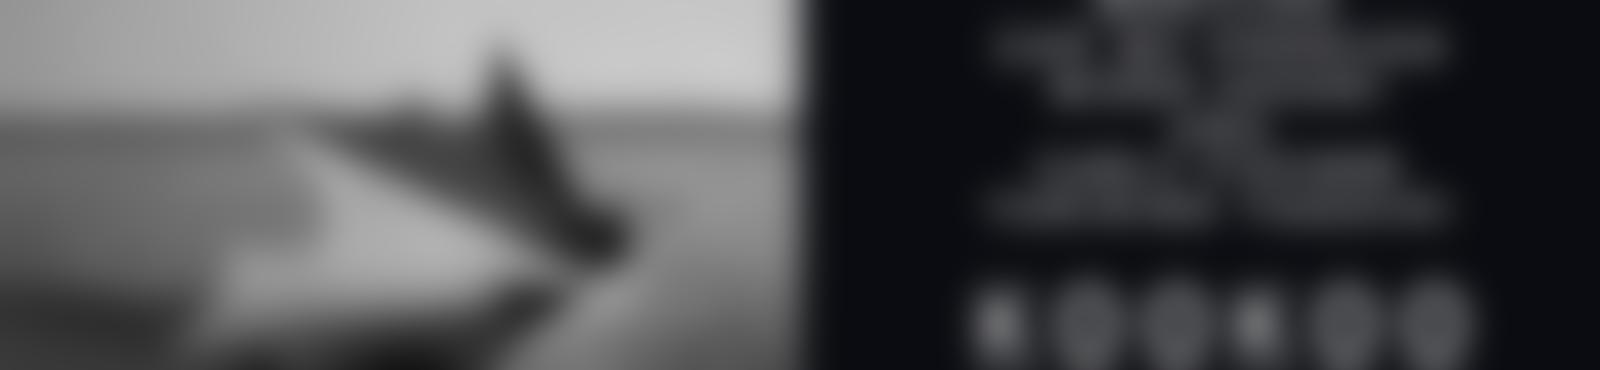 Blurred 0e03c606 1d68 4950 91cc 1a11895b07a5